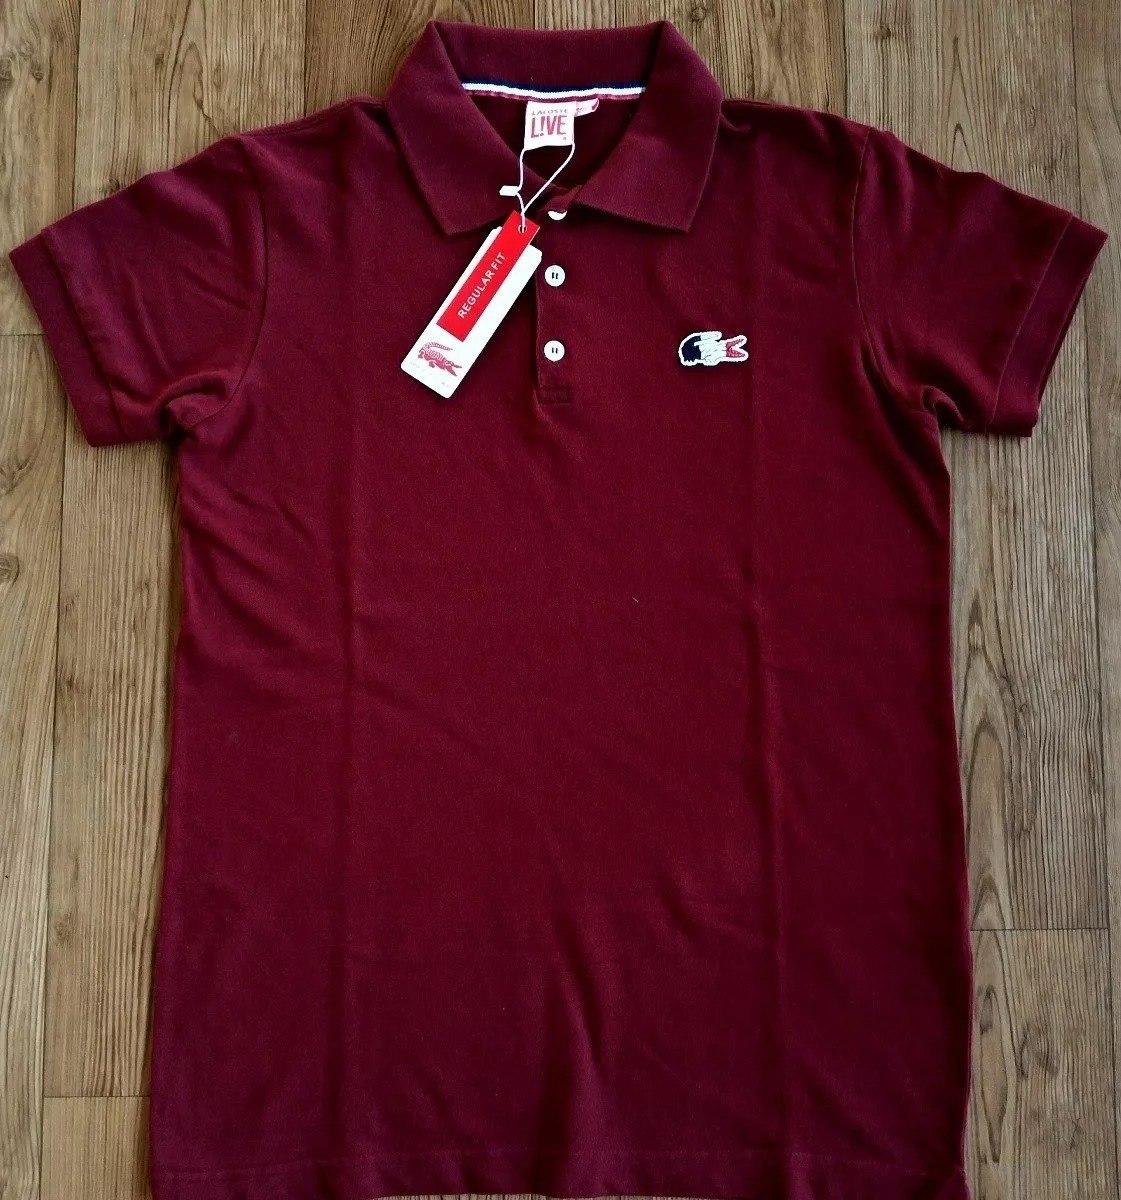 camisa polo lacoste original importada do peru 4 unidades. Carregando zoom. 431e470c75